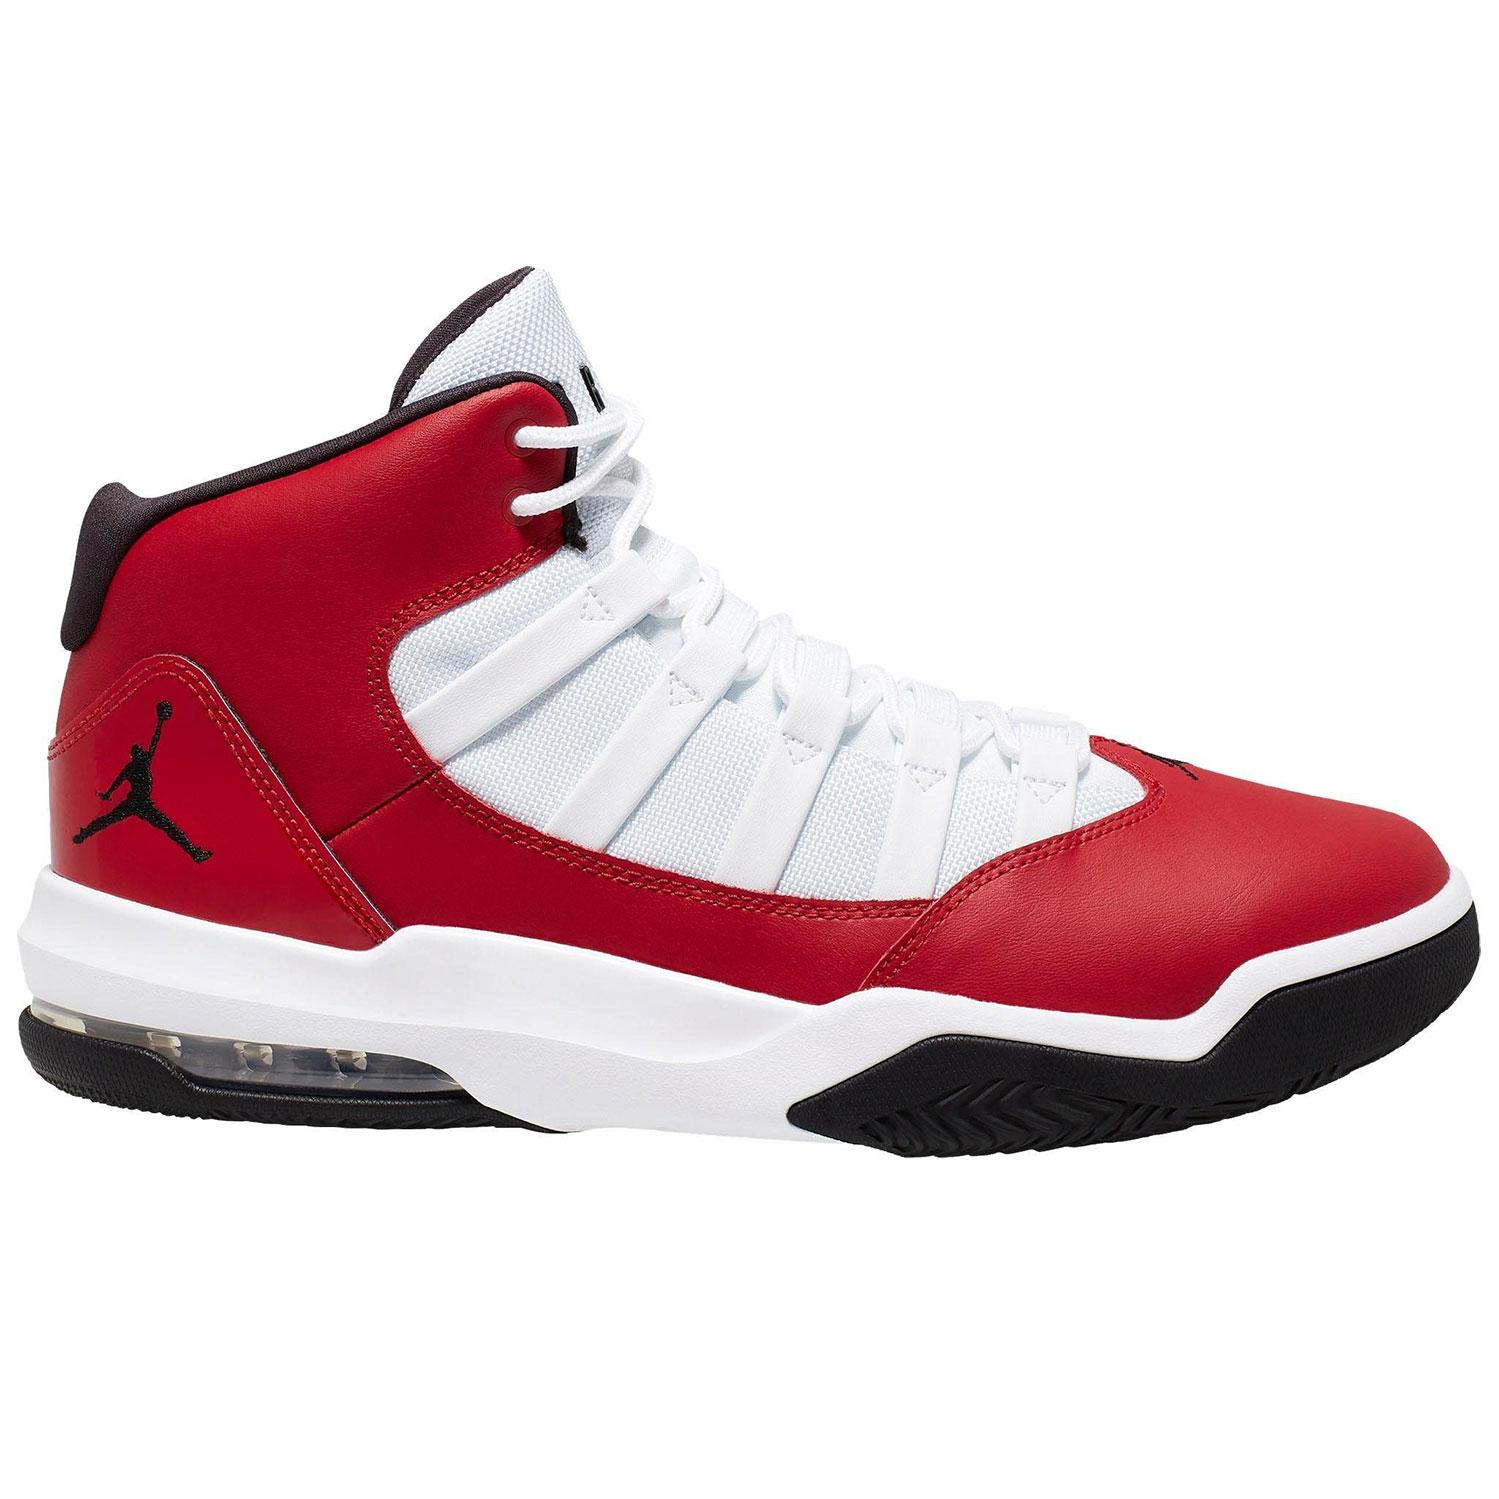 Jordan Max Aura Herren Sneaker rot weiß schwarz AQ9084 602